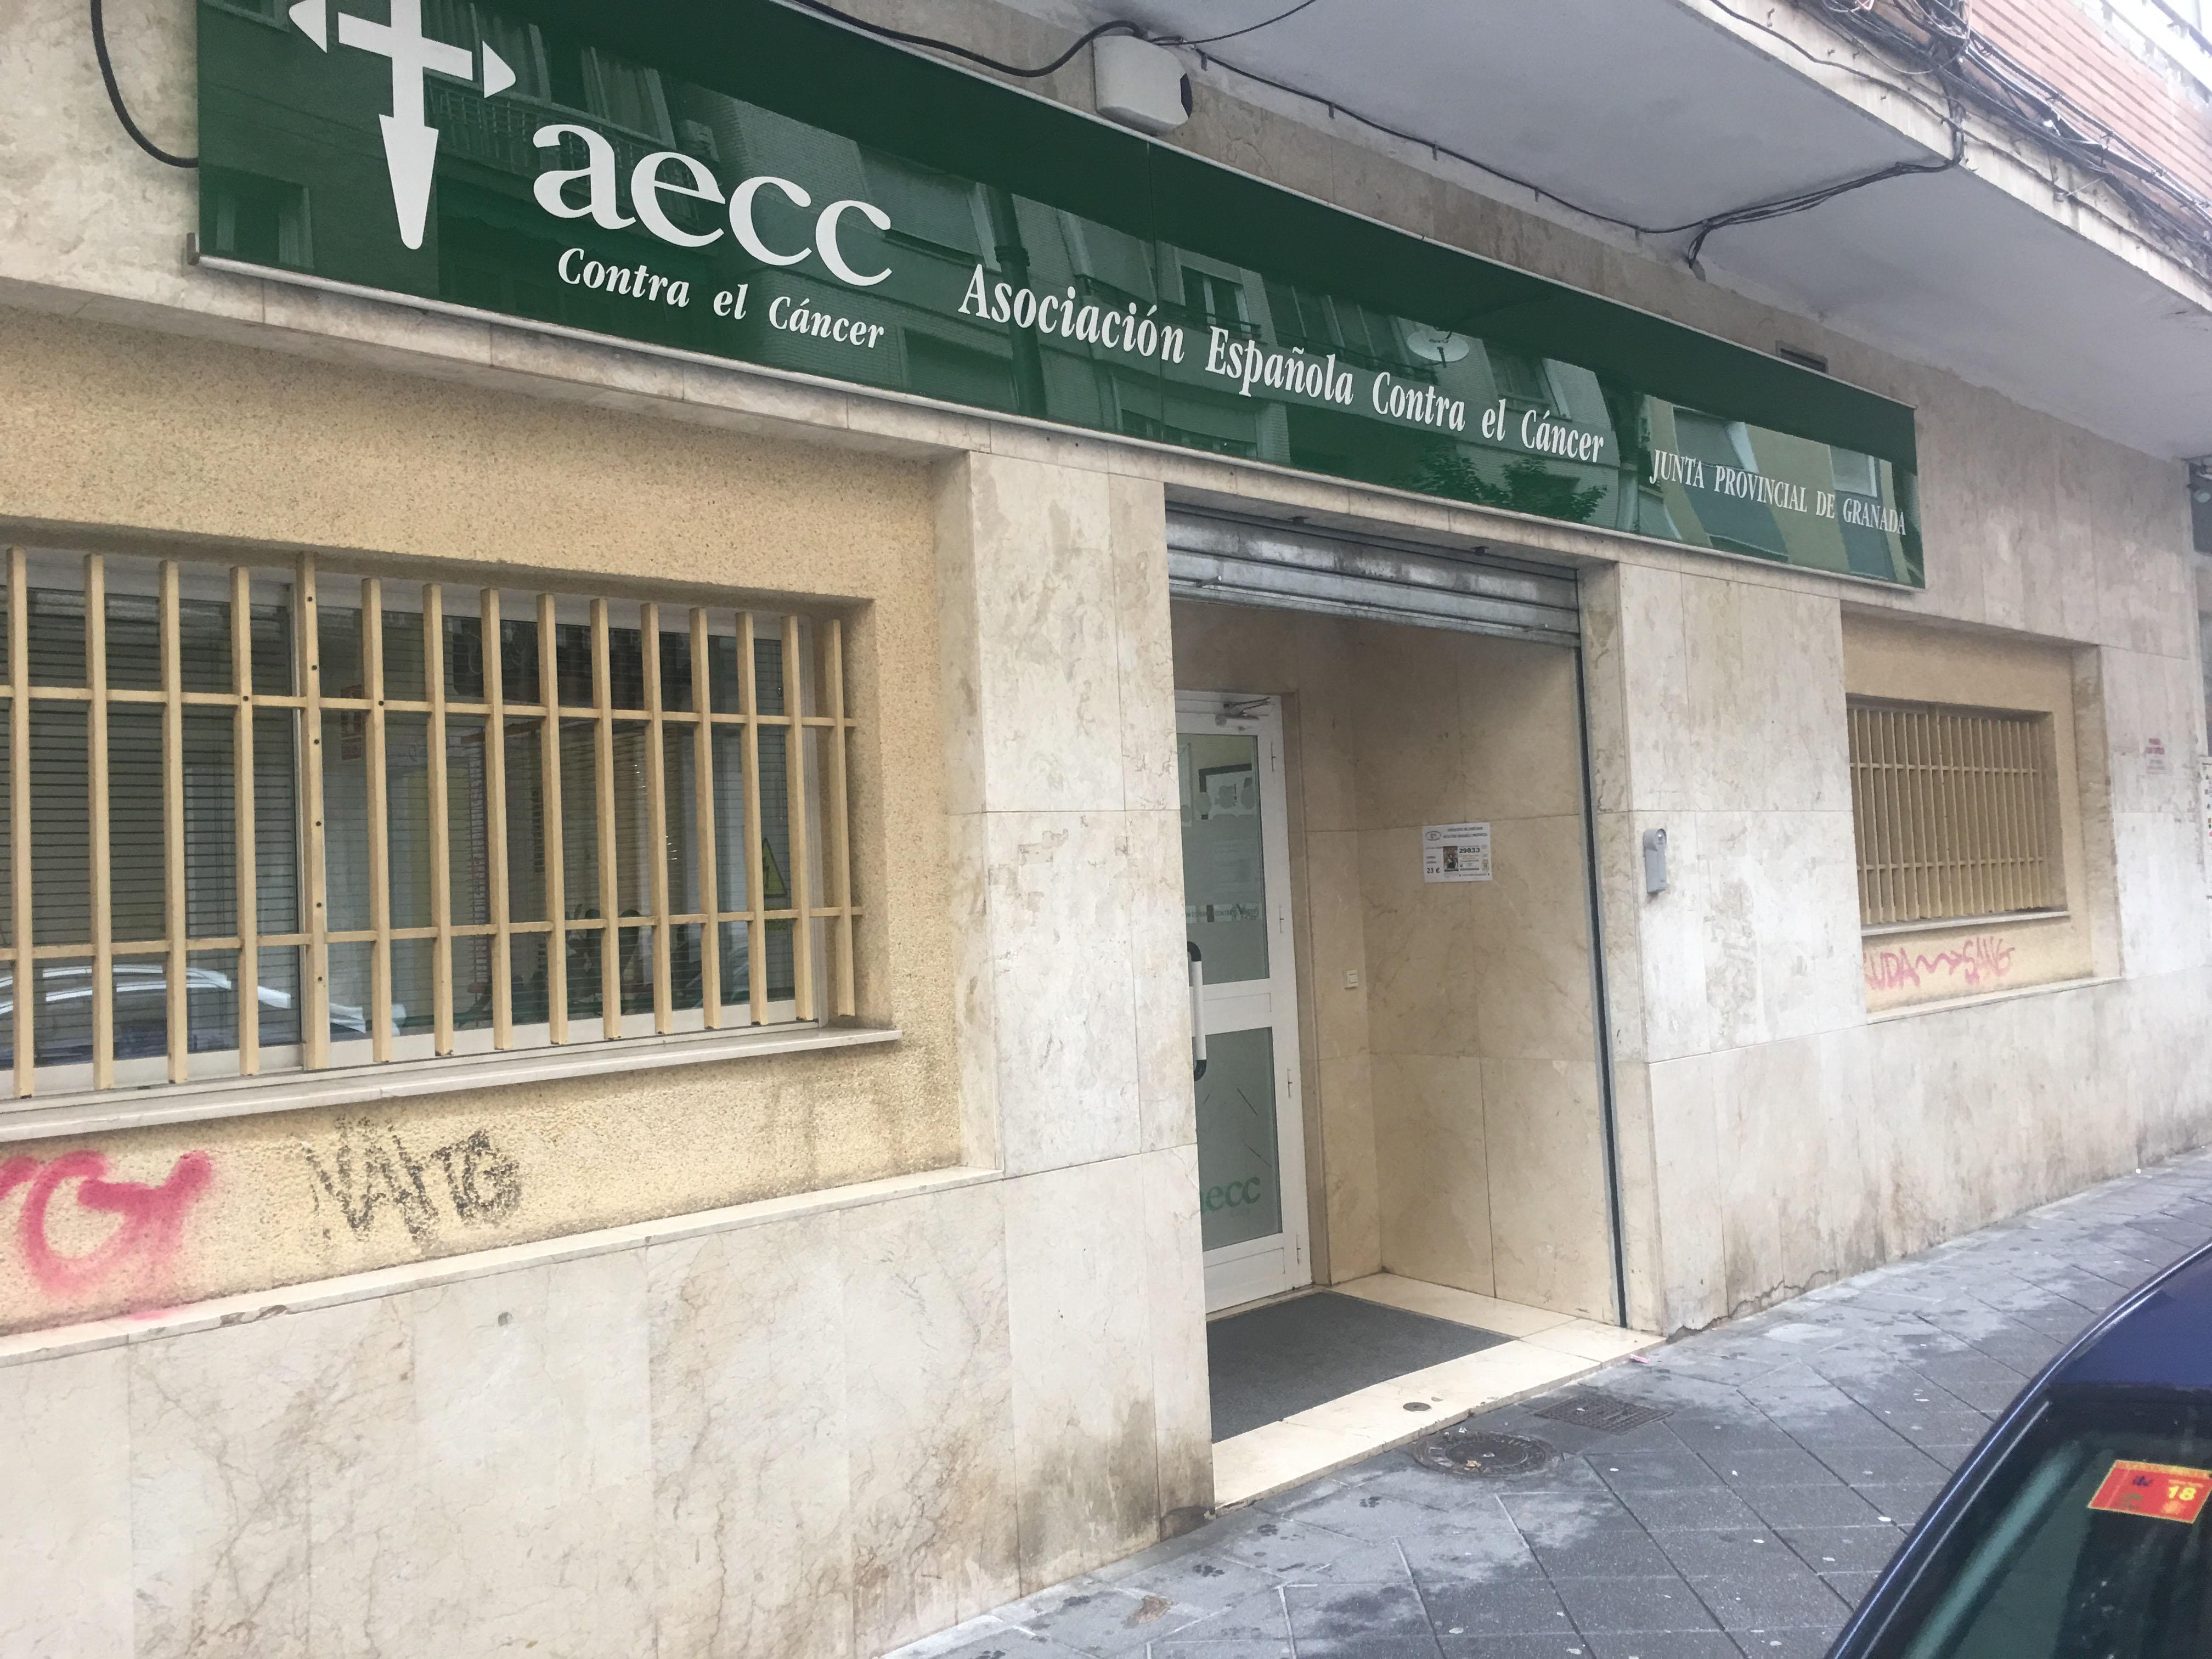 Reunión con la Asociación Española contra el Cáncer